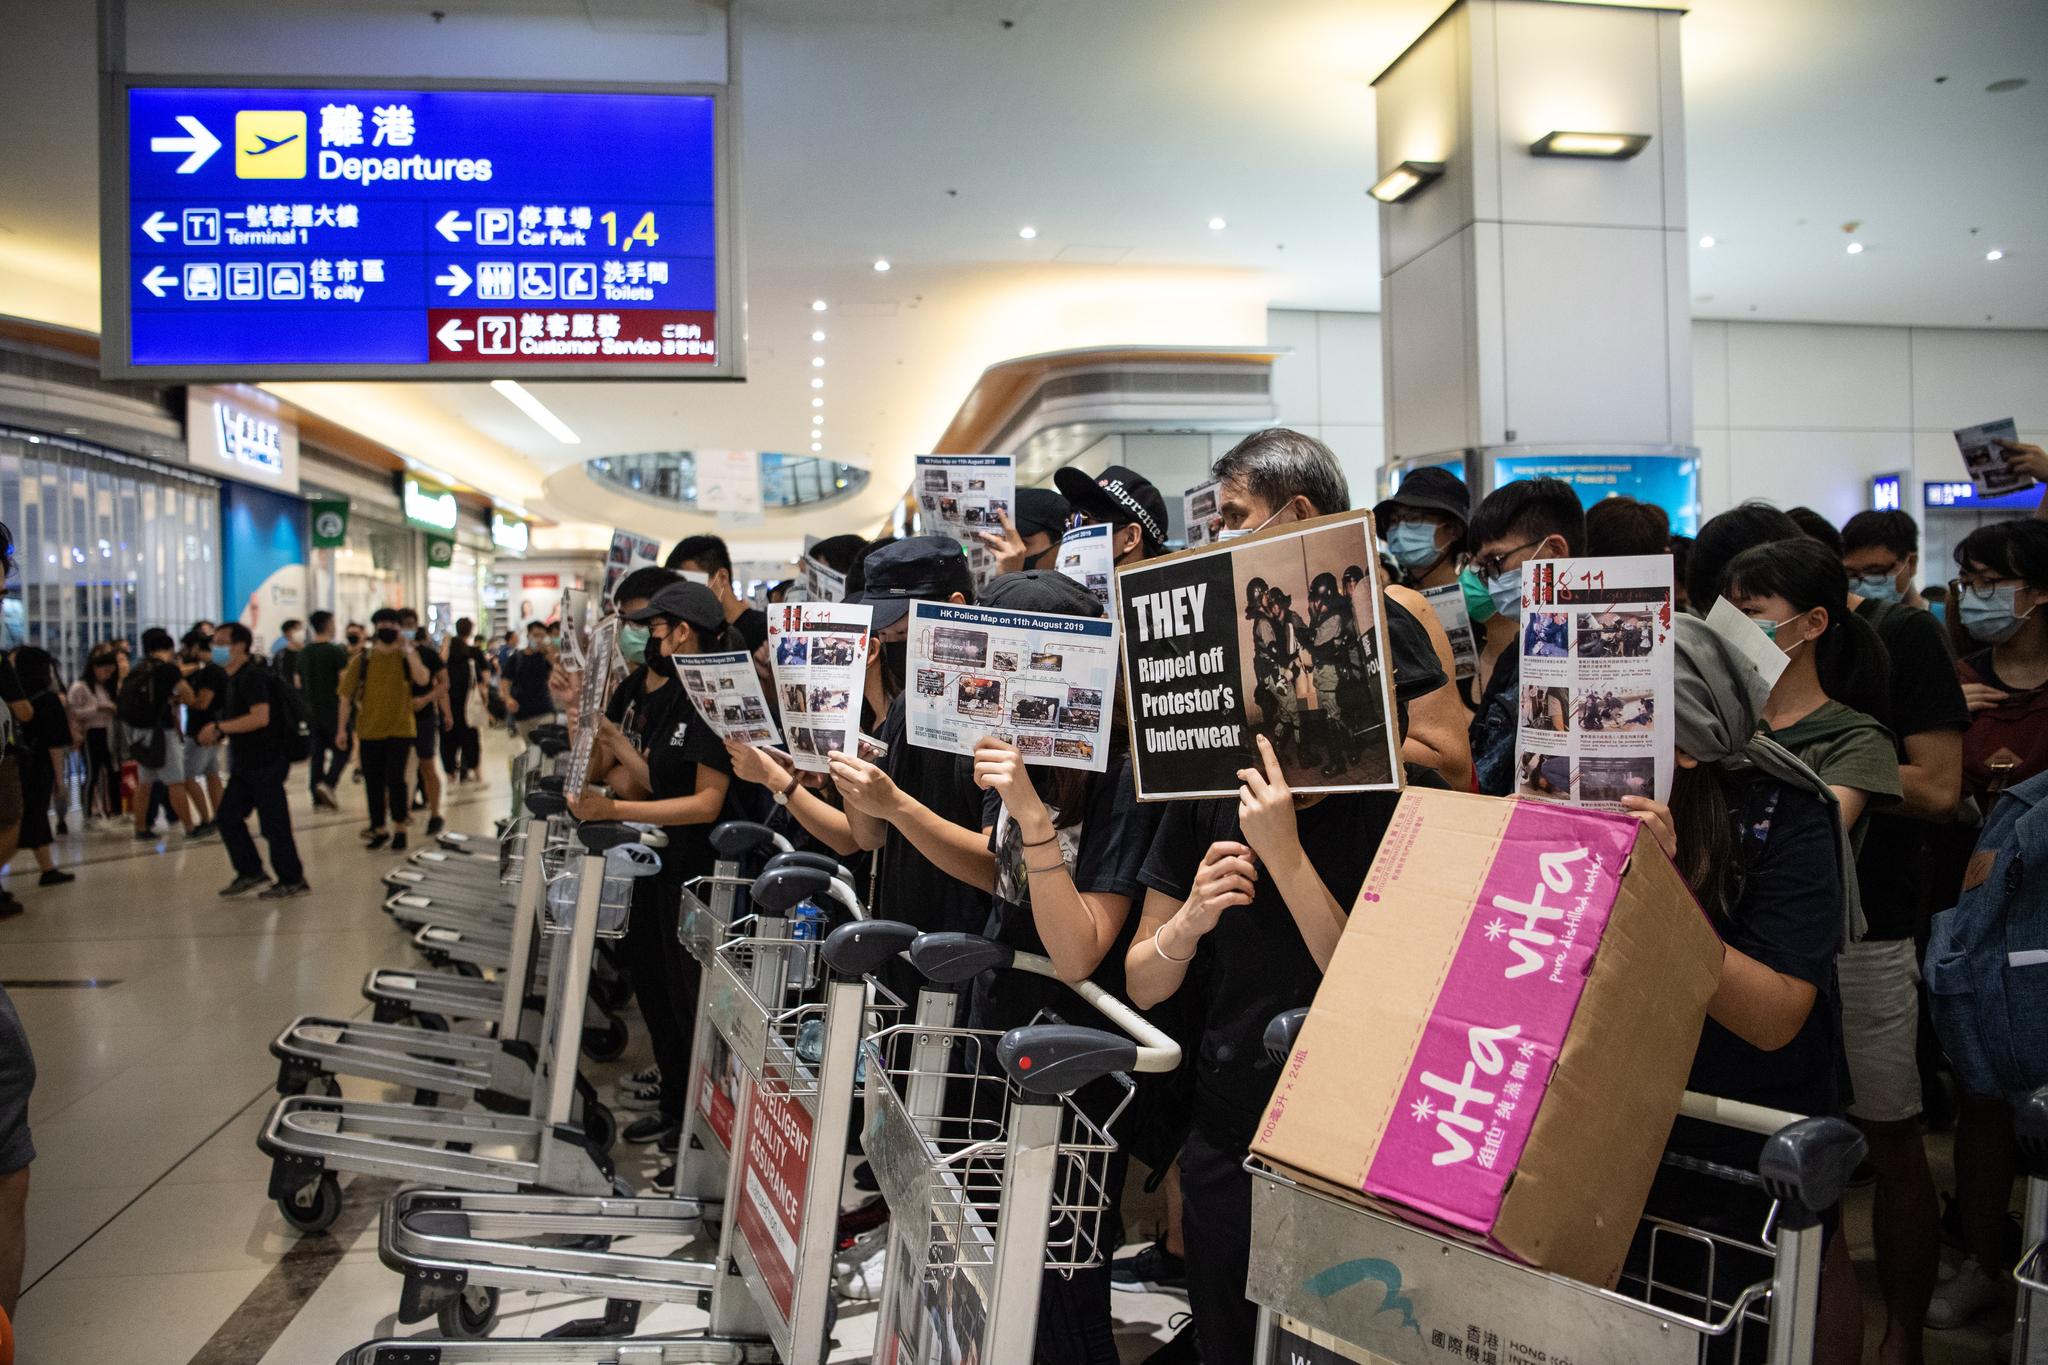 홍콩 시위대가 13일 홍콩국제공항 터미널2의 출국 게이트를 카트로 막고 있다. [EPA=연합뉴스]